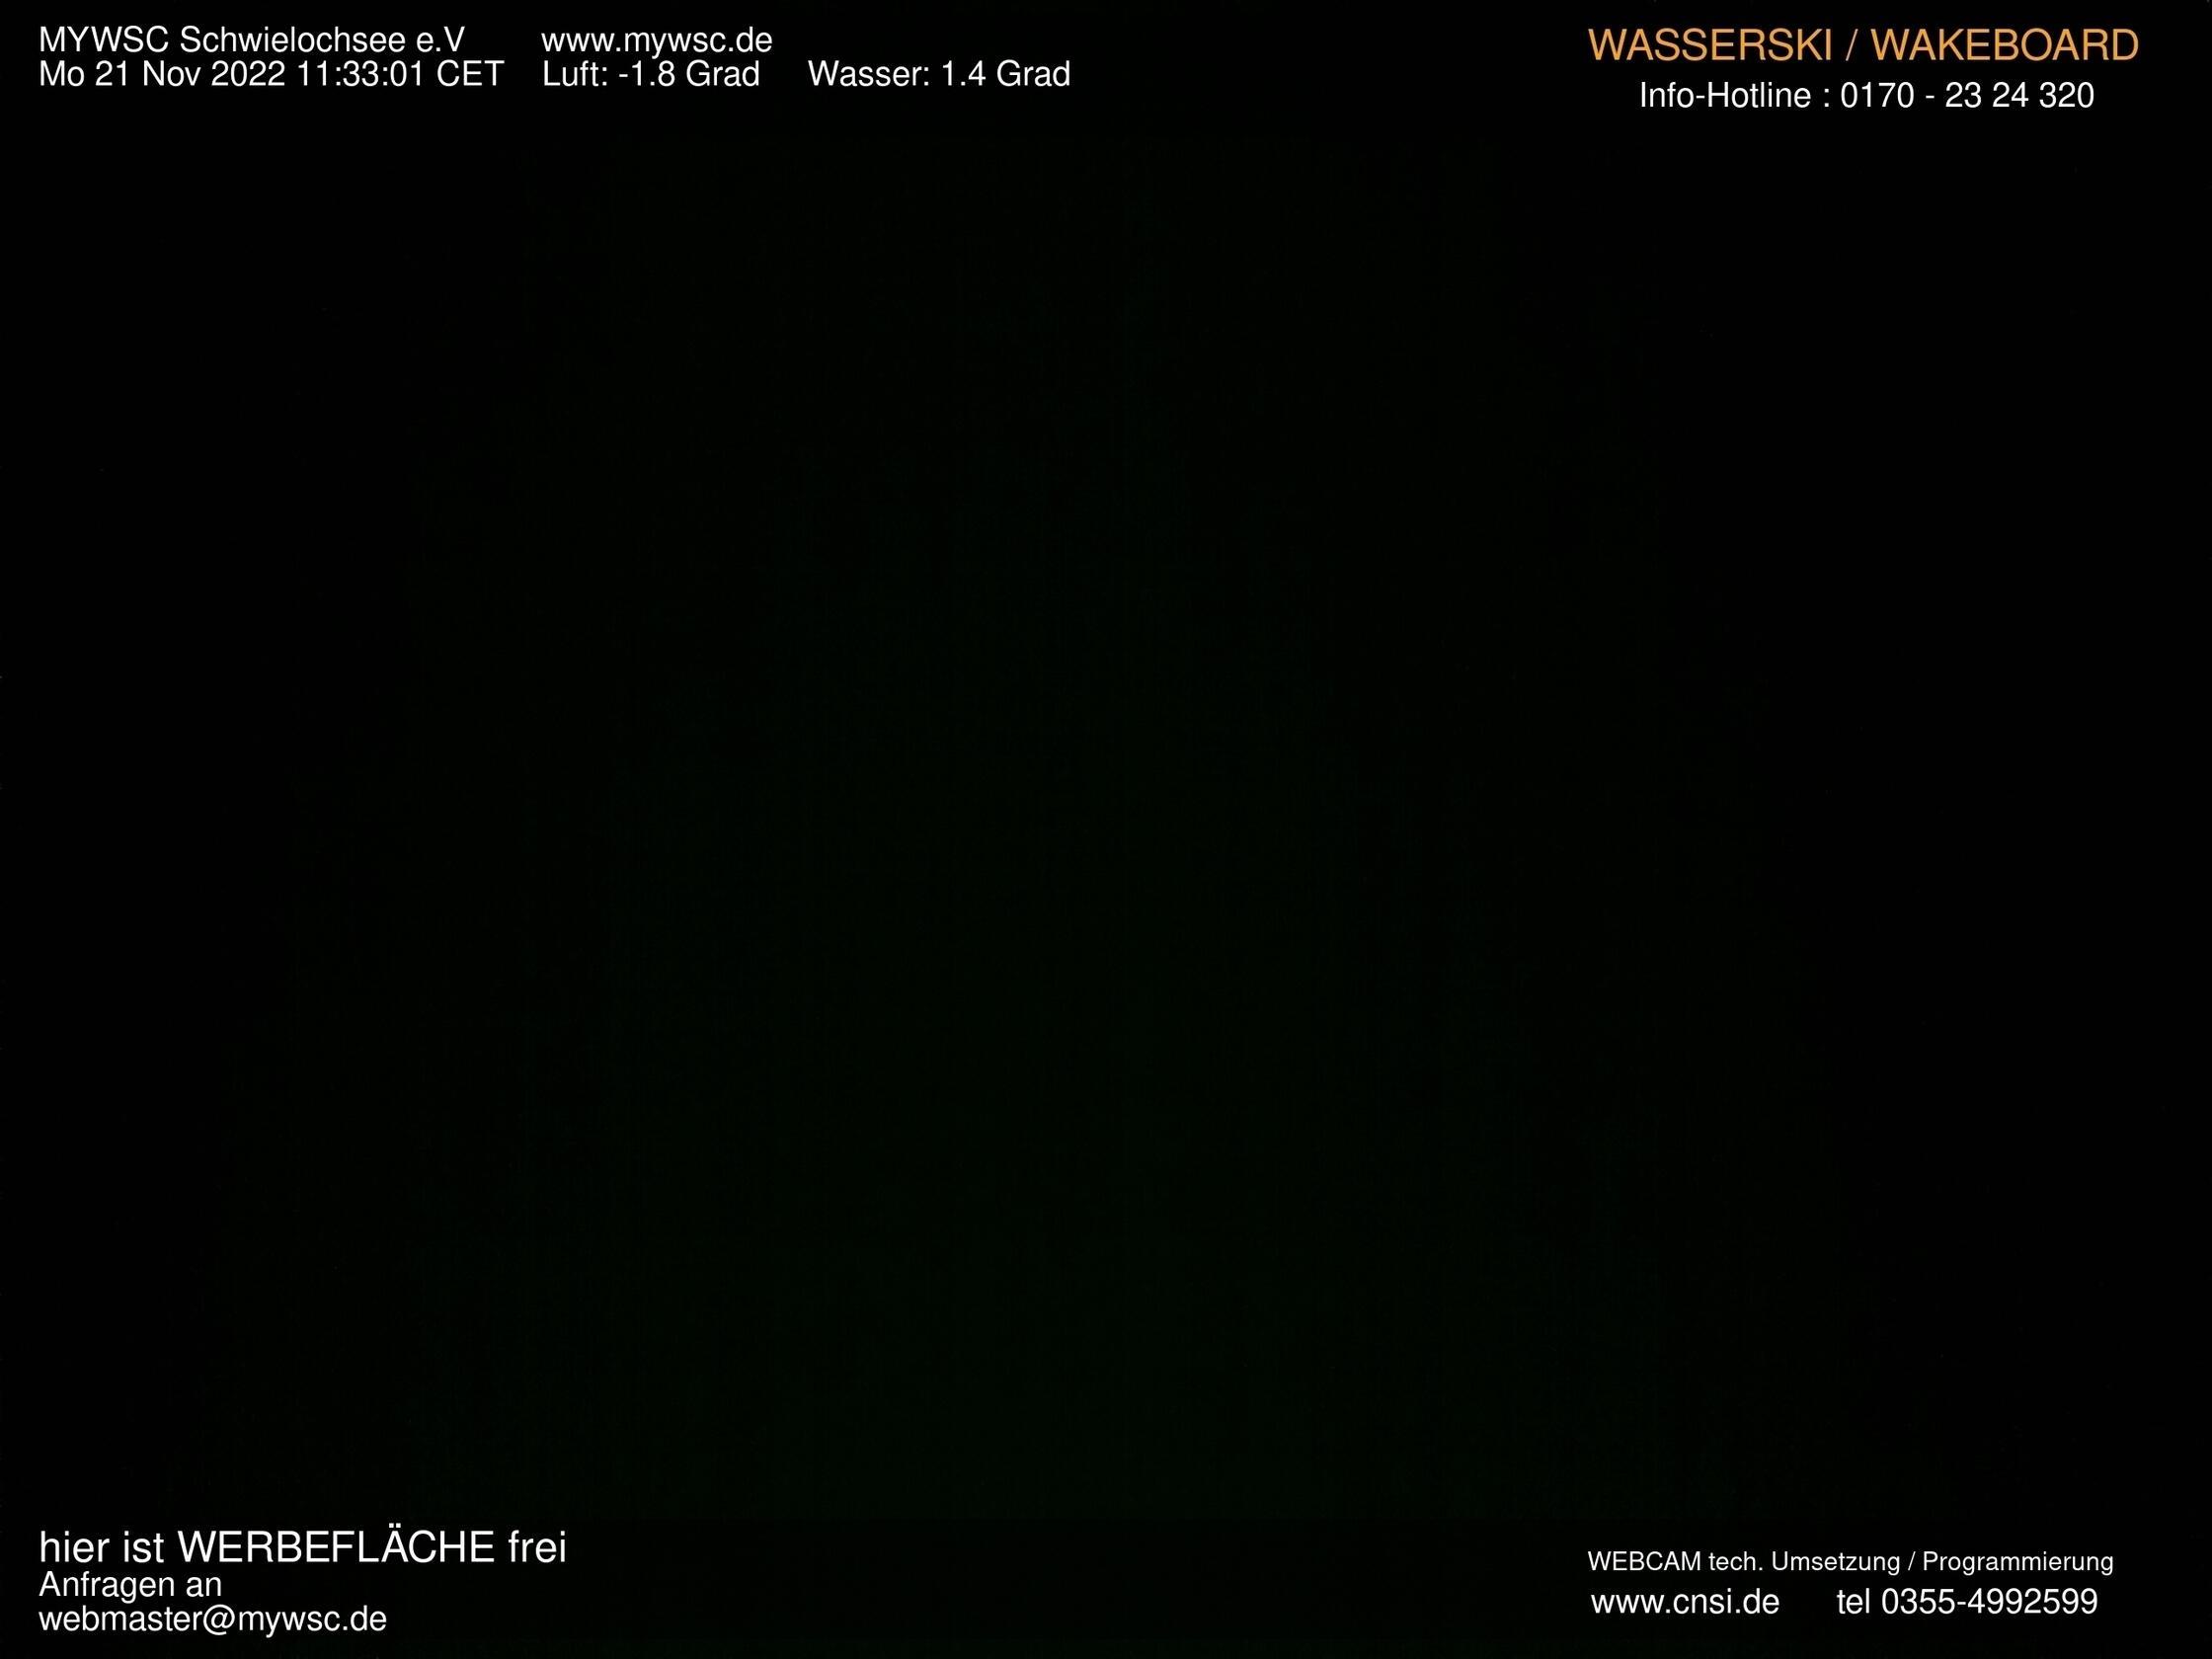 Wassersport am Schwielochsee - Webcam 2